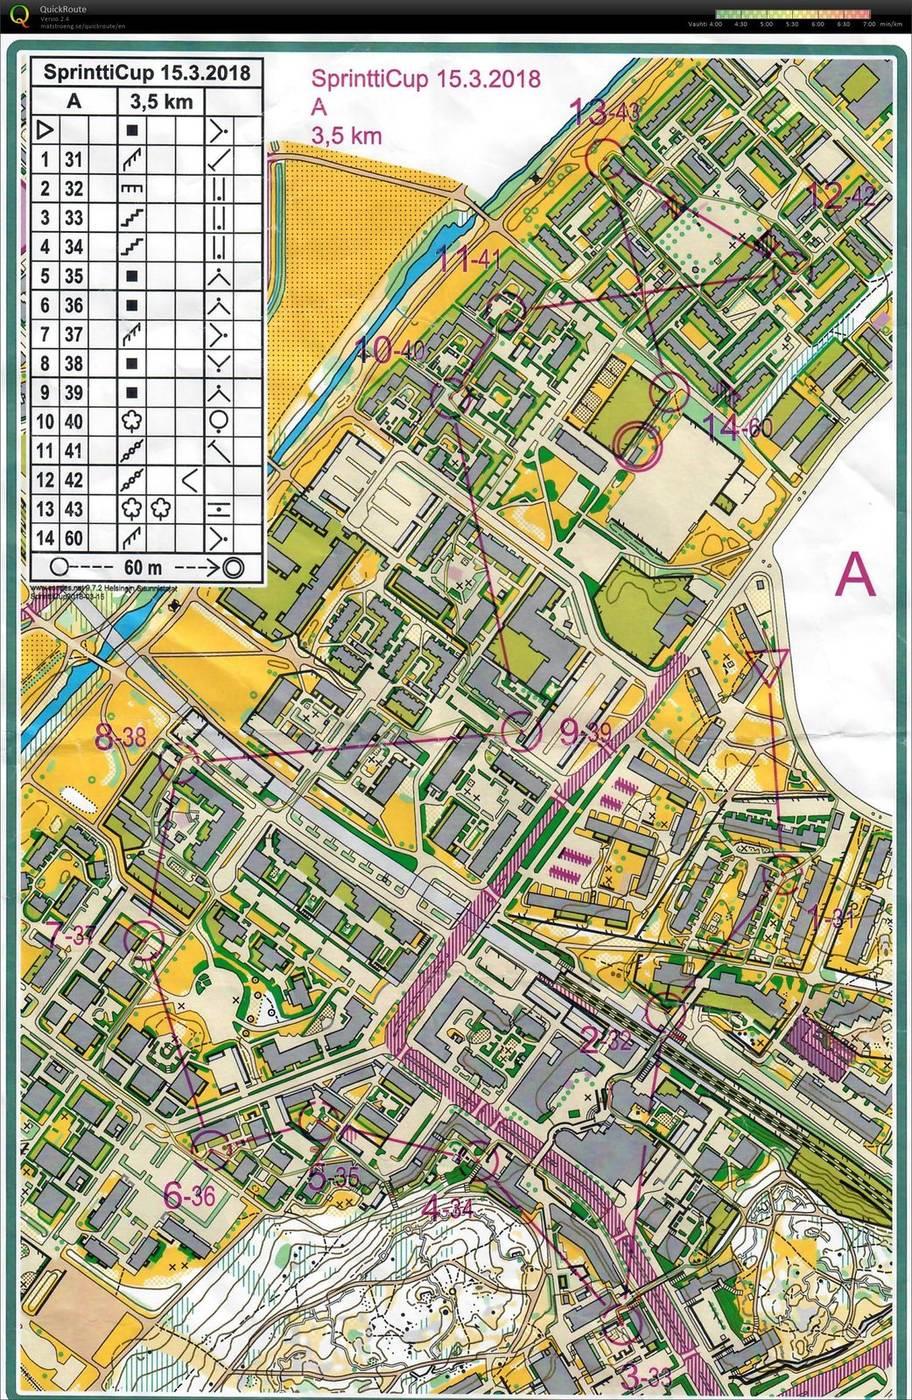 My Doma Digitaalinen Kartta Arkisto Sprintticup Kannelmaki 15